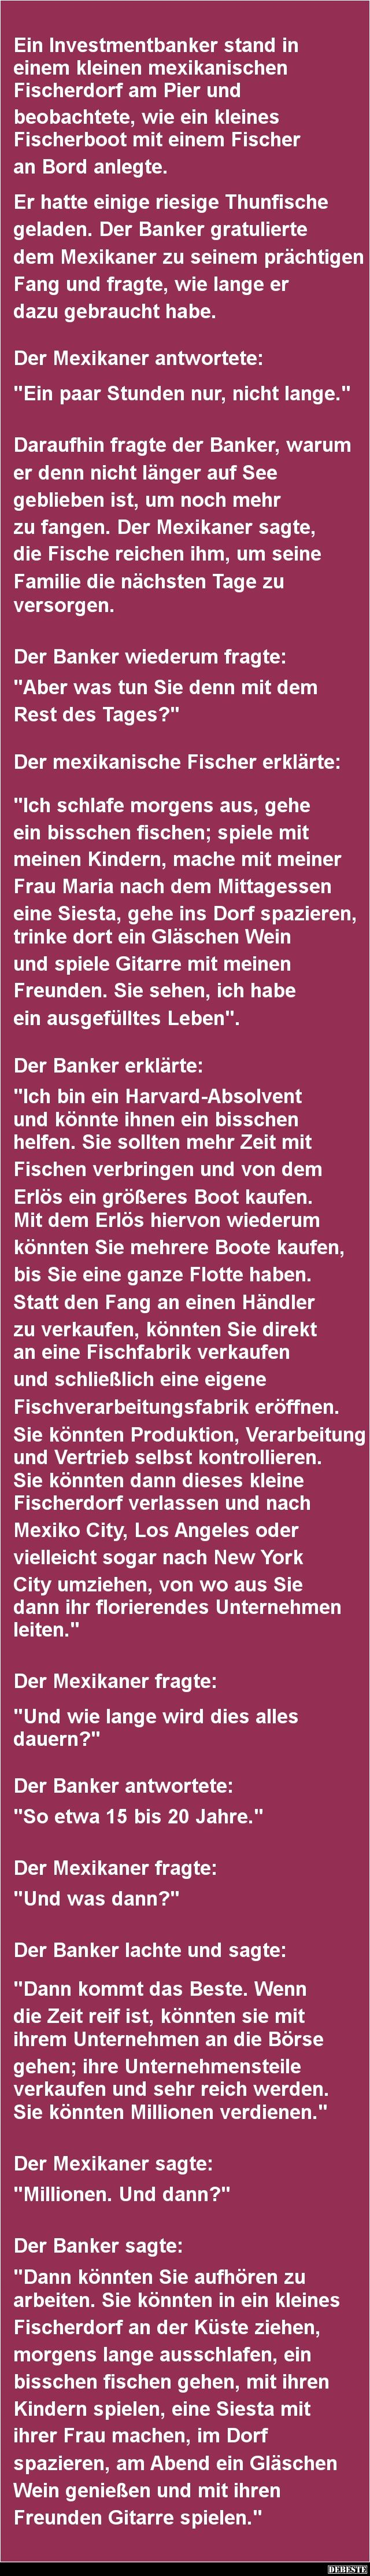 1000+ images about sprüche on pinterest | deutsch, manche and ich